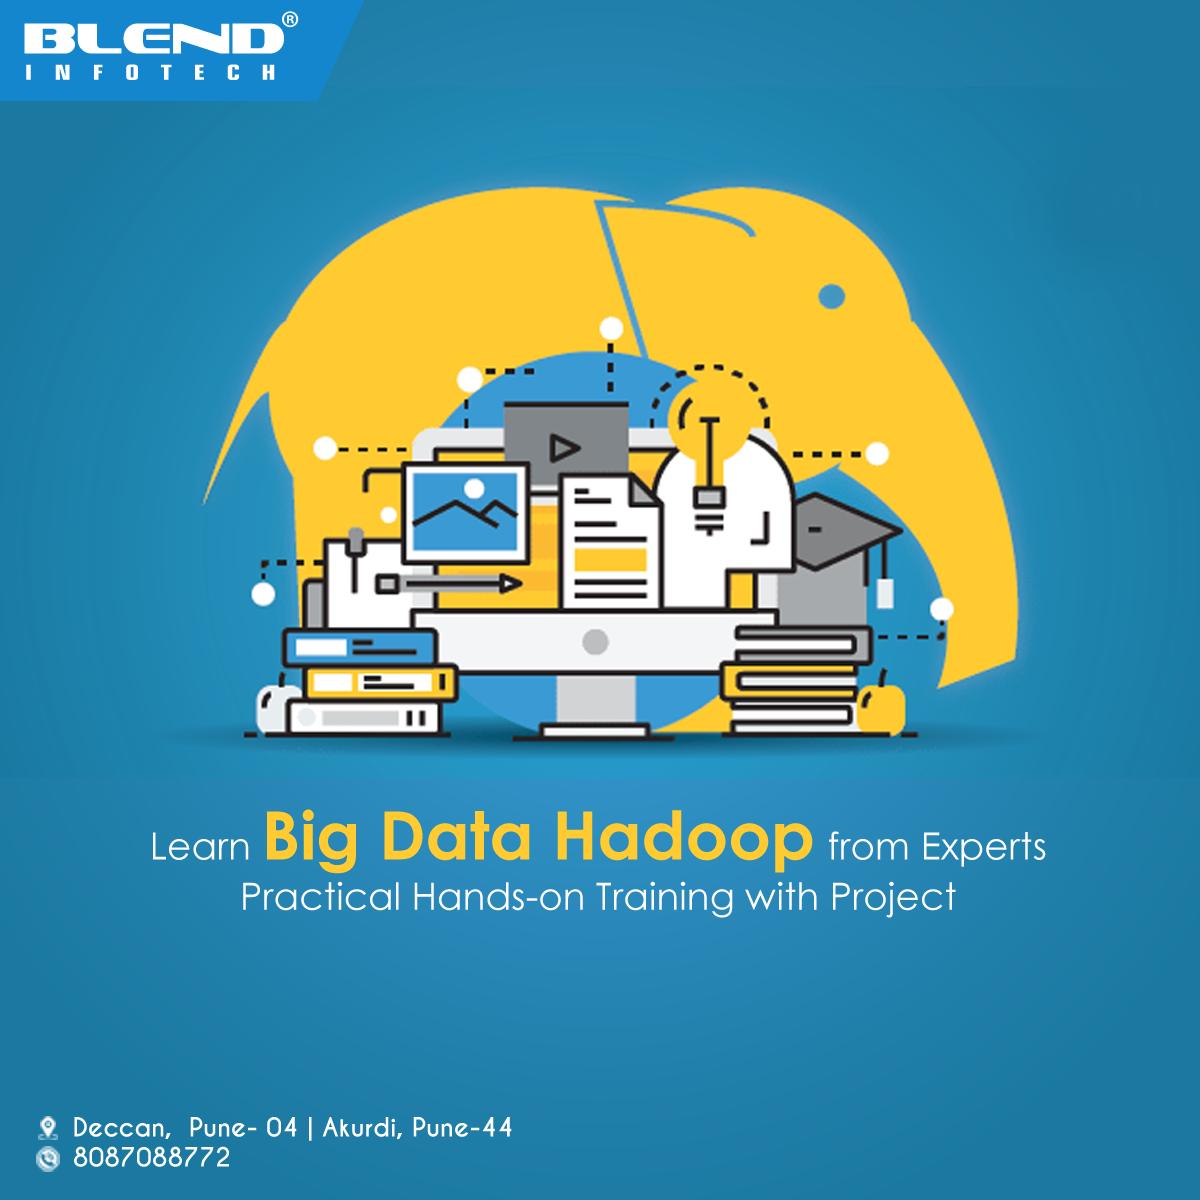 HADOOP DEV + SPARK & SCALA + NoSQL + Splunk + HDFS (Storage) + YARN